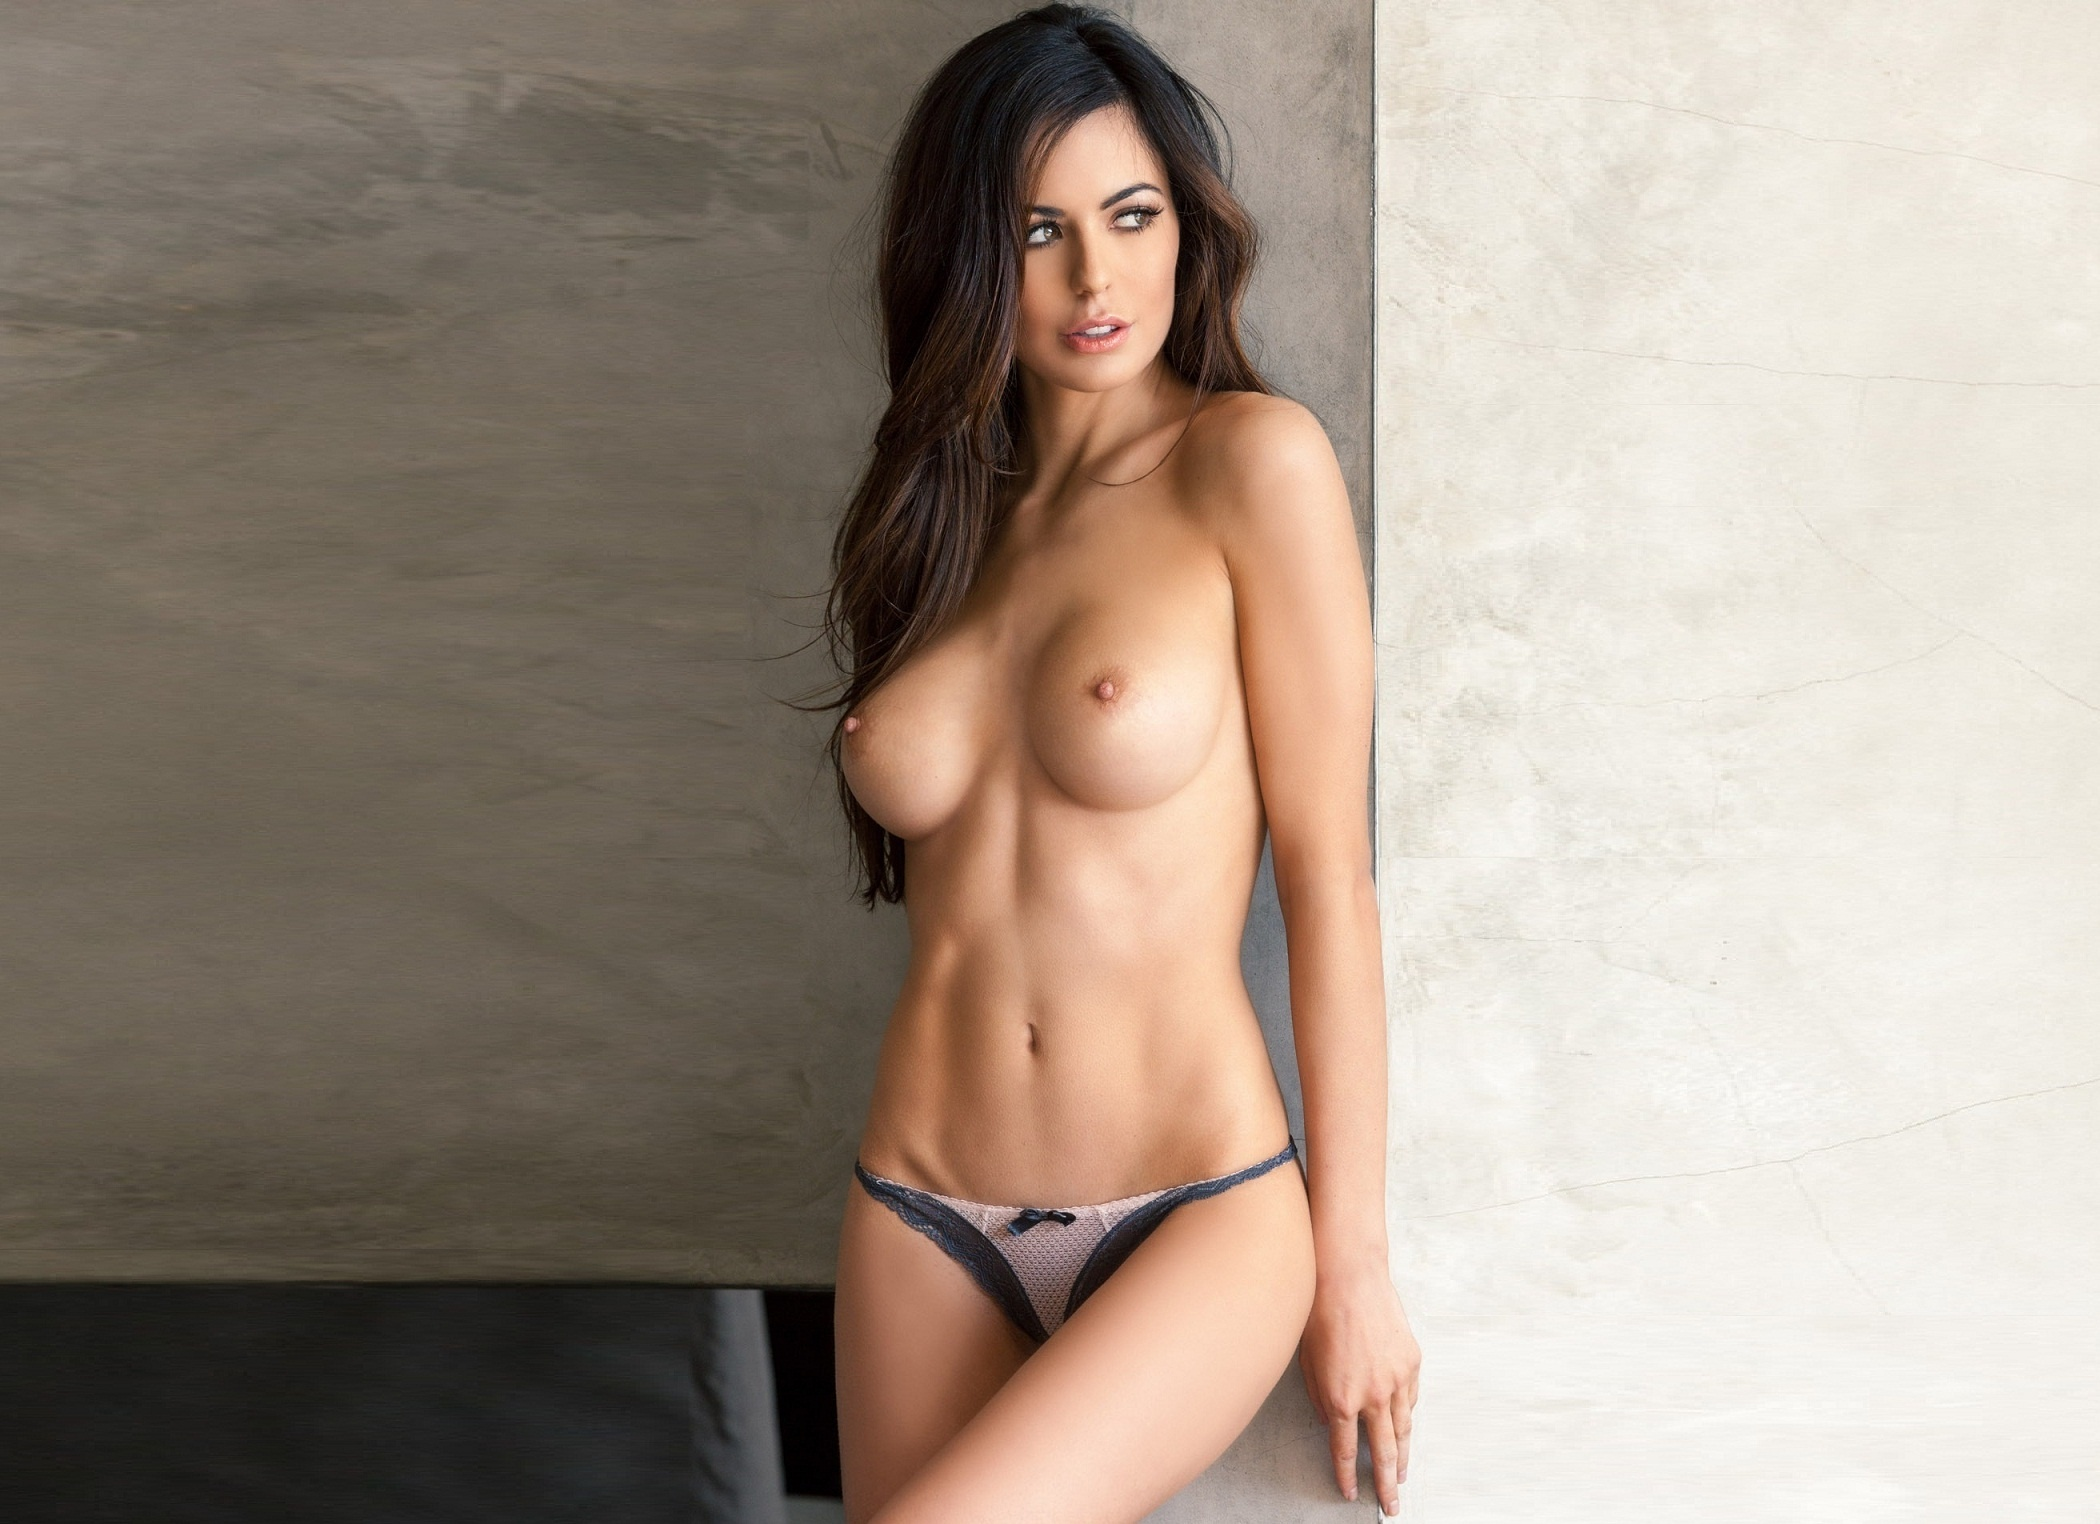 Стройная брюнетка грудь 24 фотография